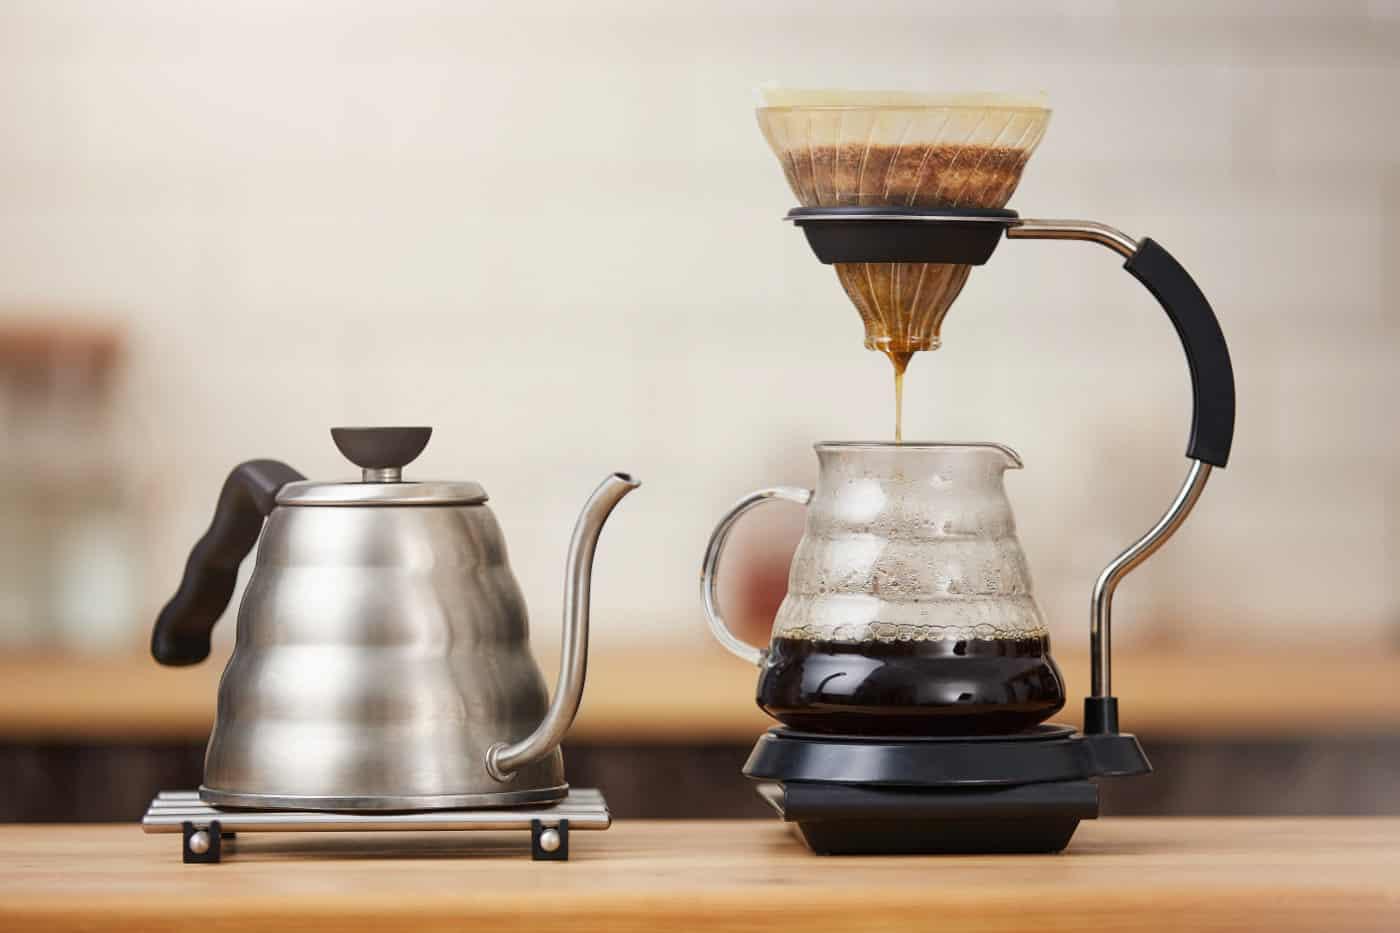 Kaffee-Einlauf zur Entgiftung des Körpers